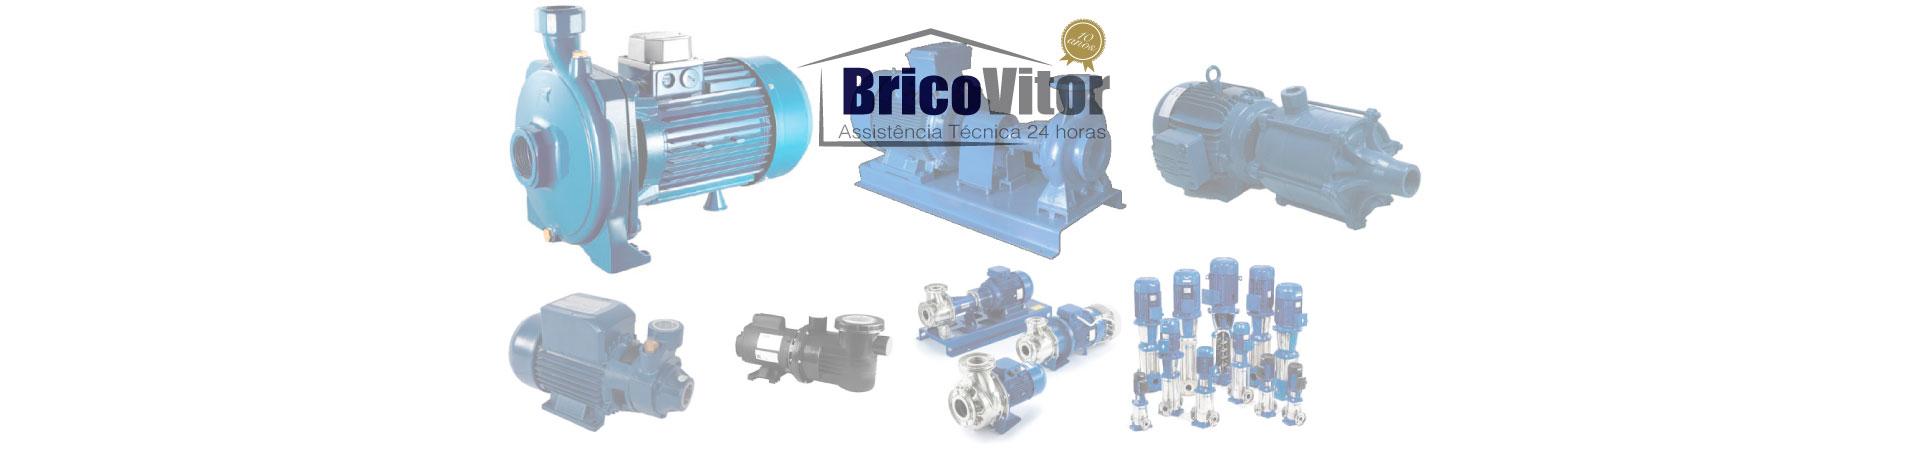 Assistência Reparação e a Manutenção de bombas de água, venda e instalação de bombas de água, técnico de bombas de água